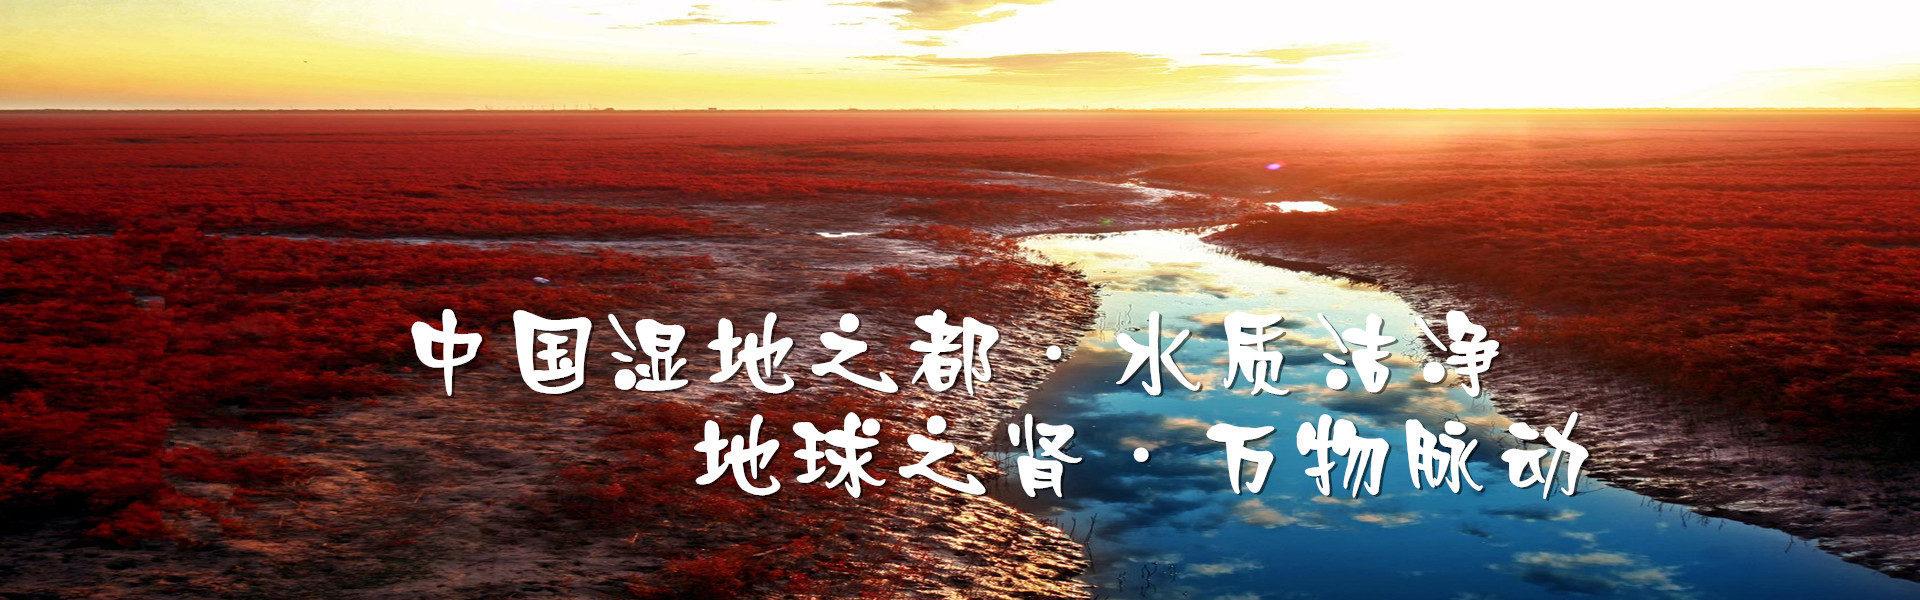 盤錦紅海灘